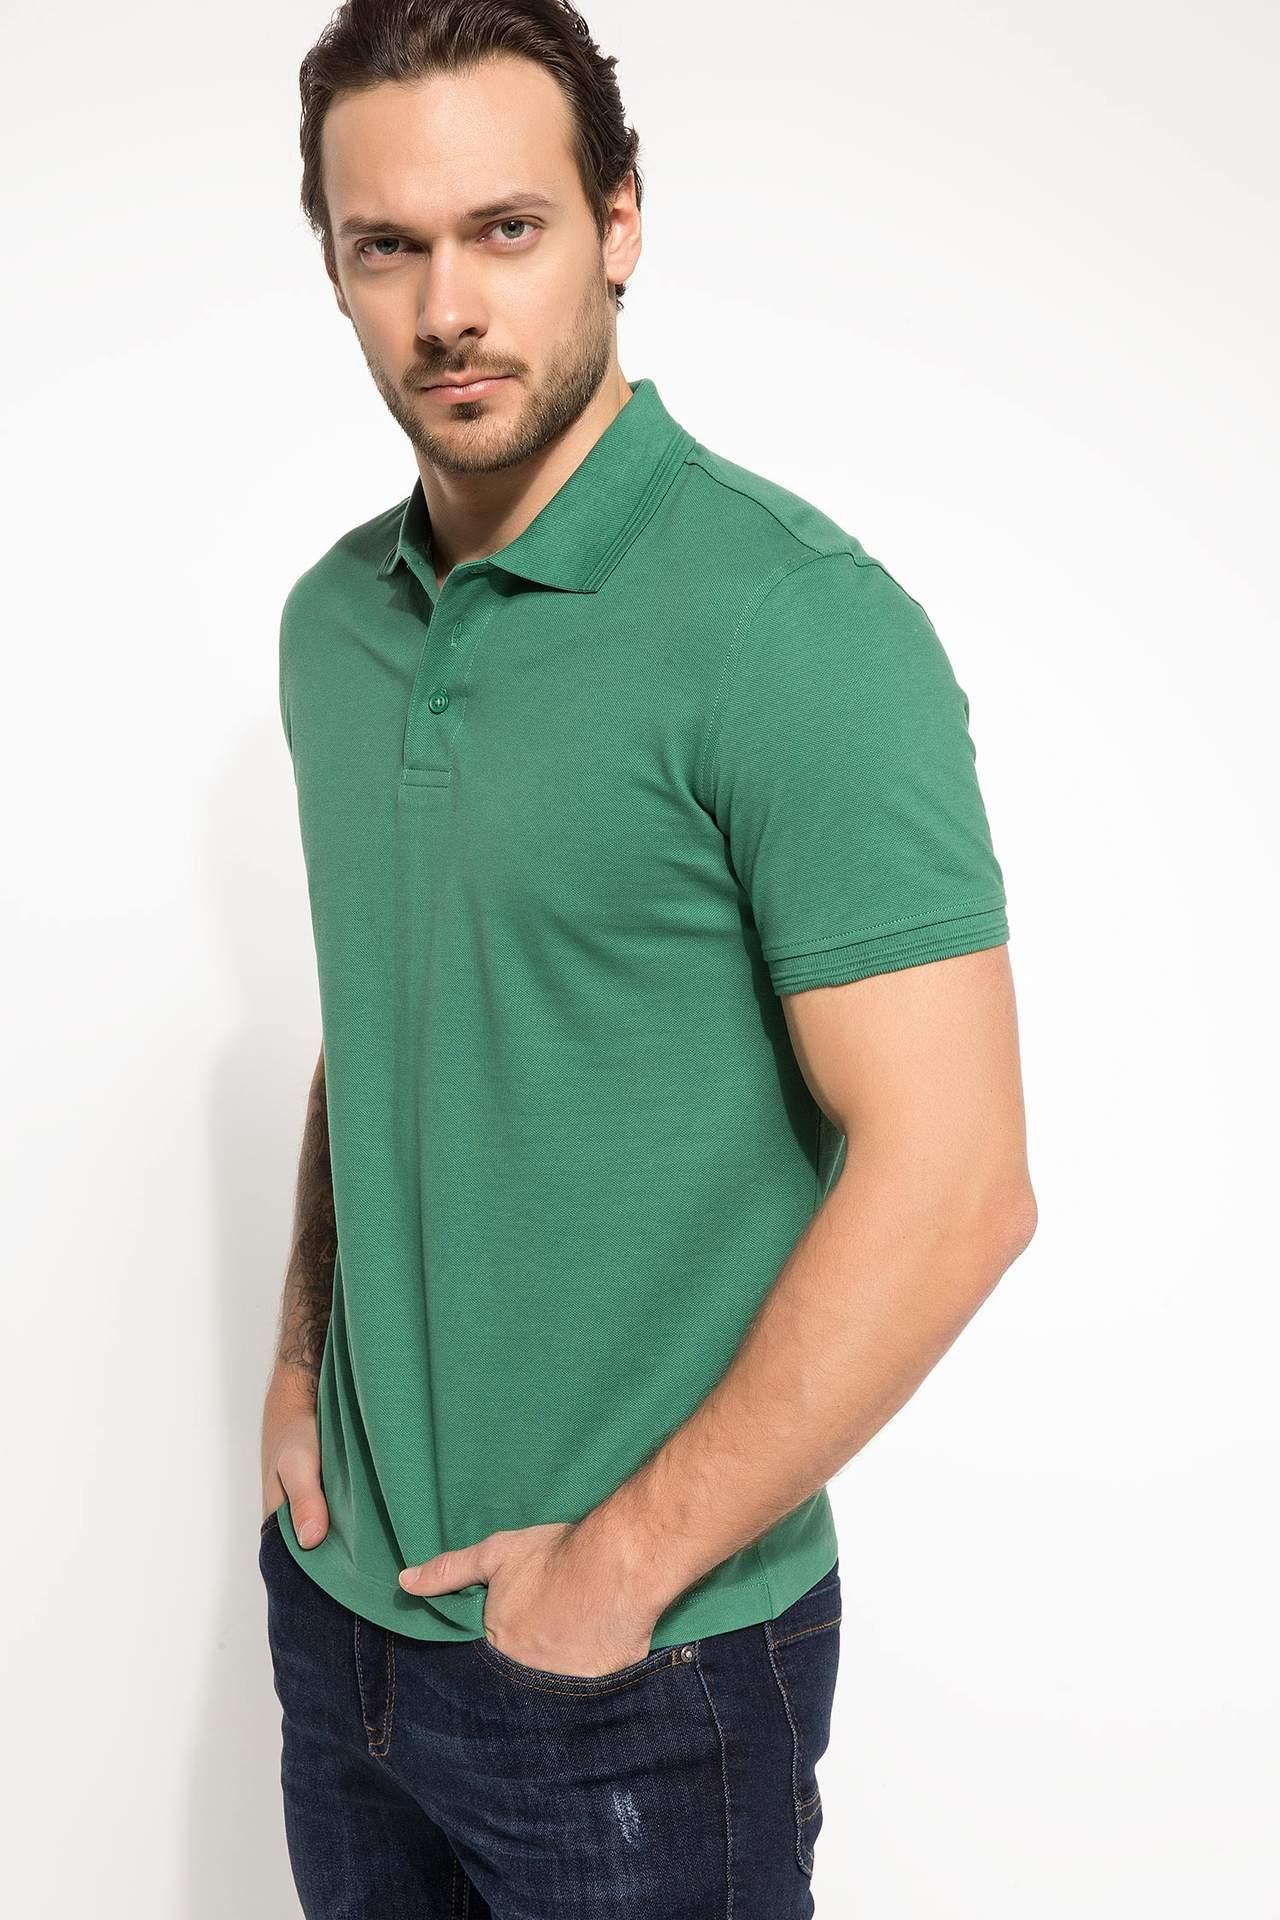 خرید اینترنتی تیشرت آستین کوتاه مردانه جدید دفاکتو ( Defacto )